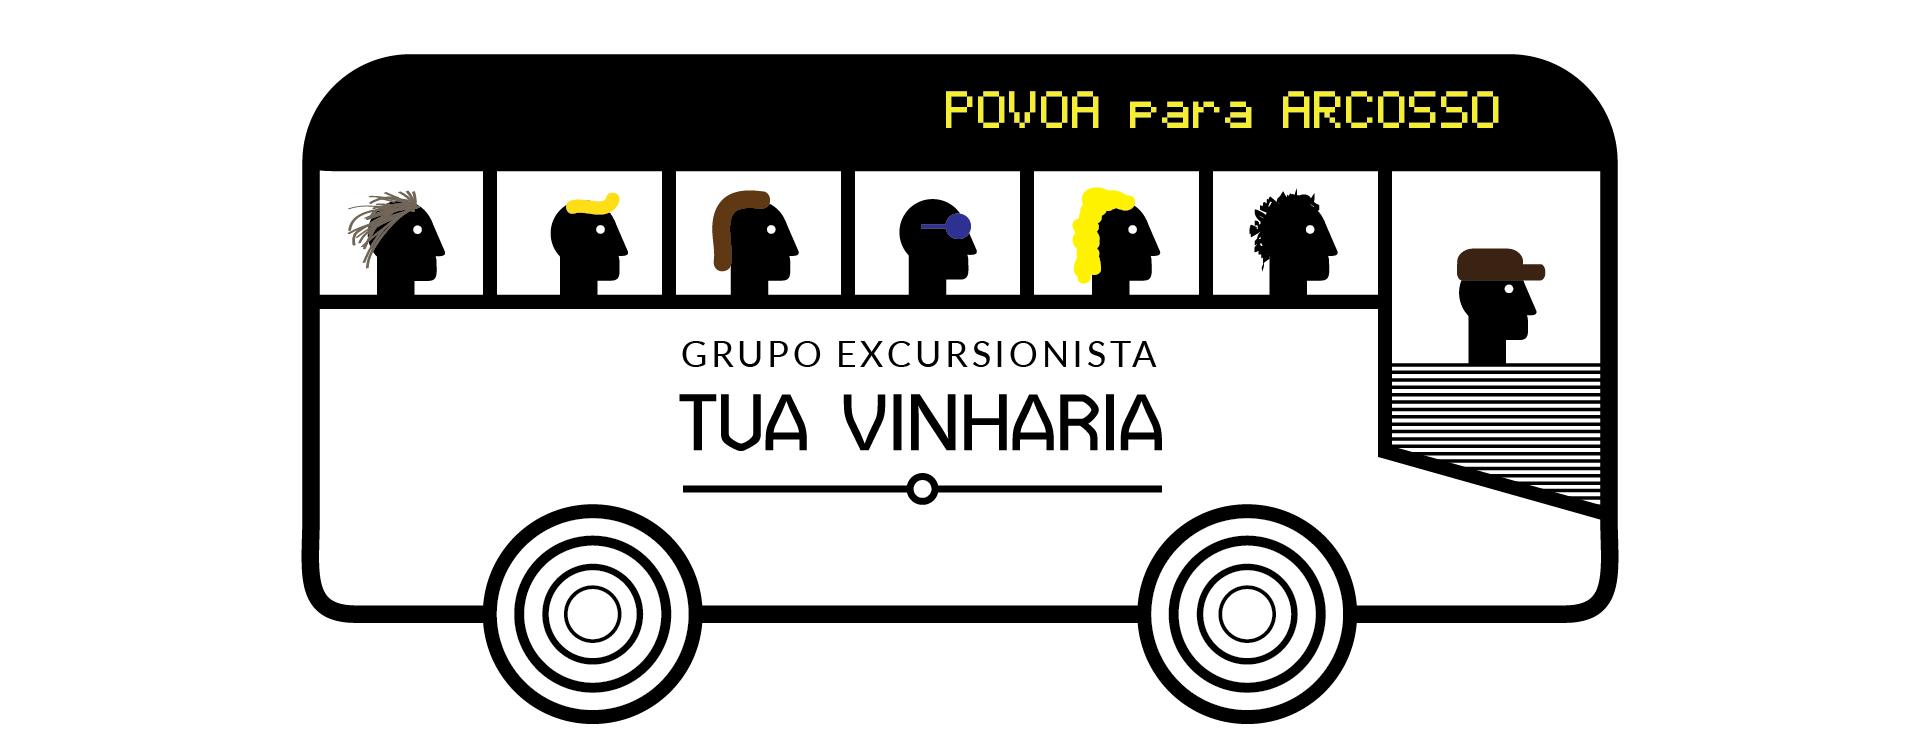 Grupo Excursionista Tua Vinharia